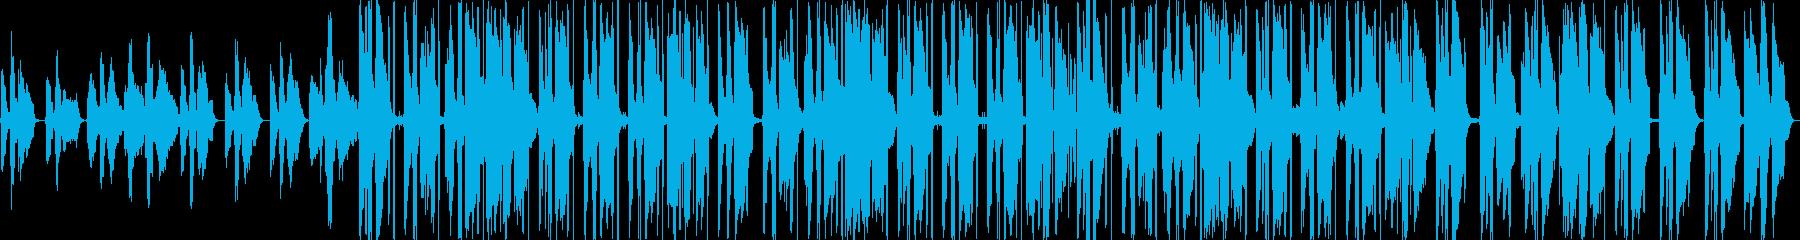 ピアノがおしゃれなHiphopBeatの再生済みの波形